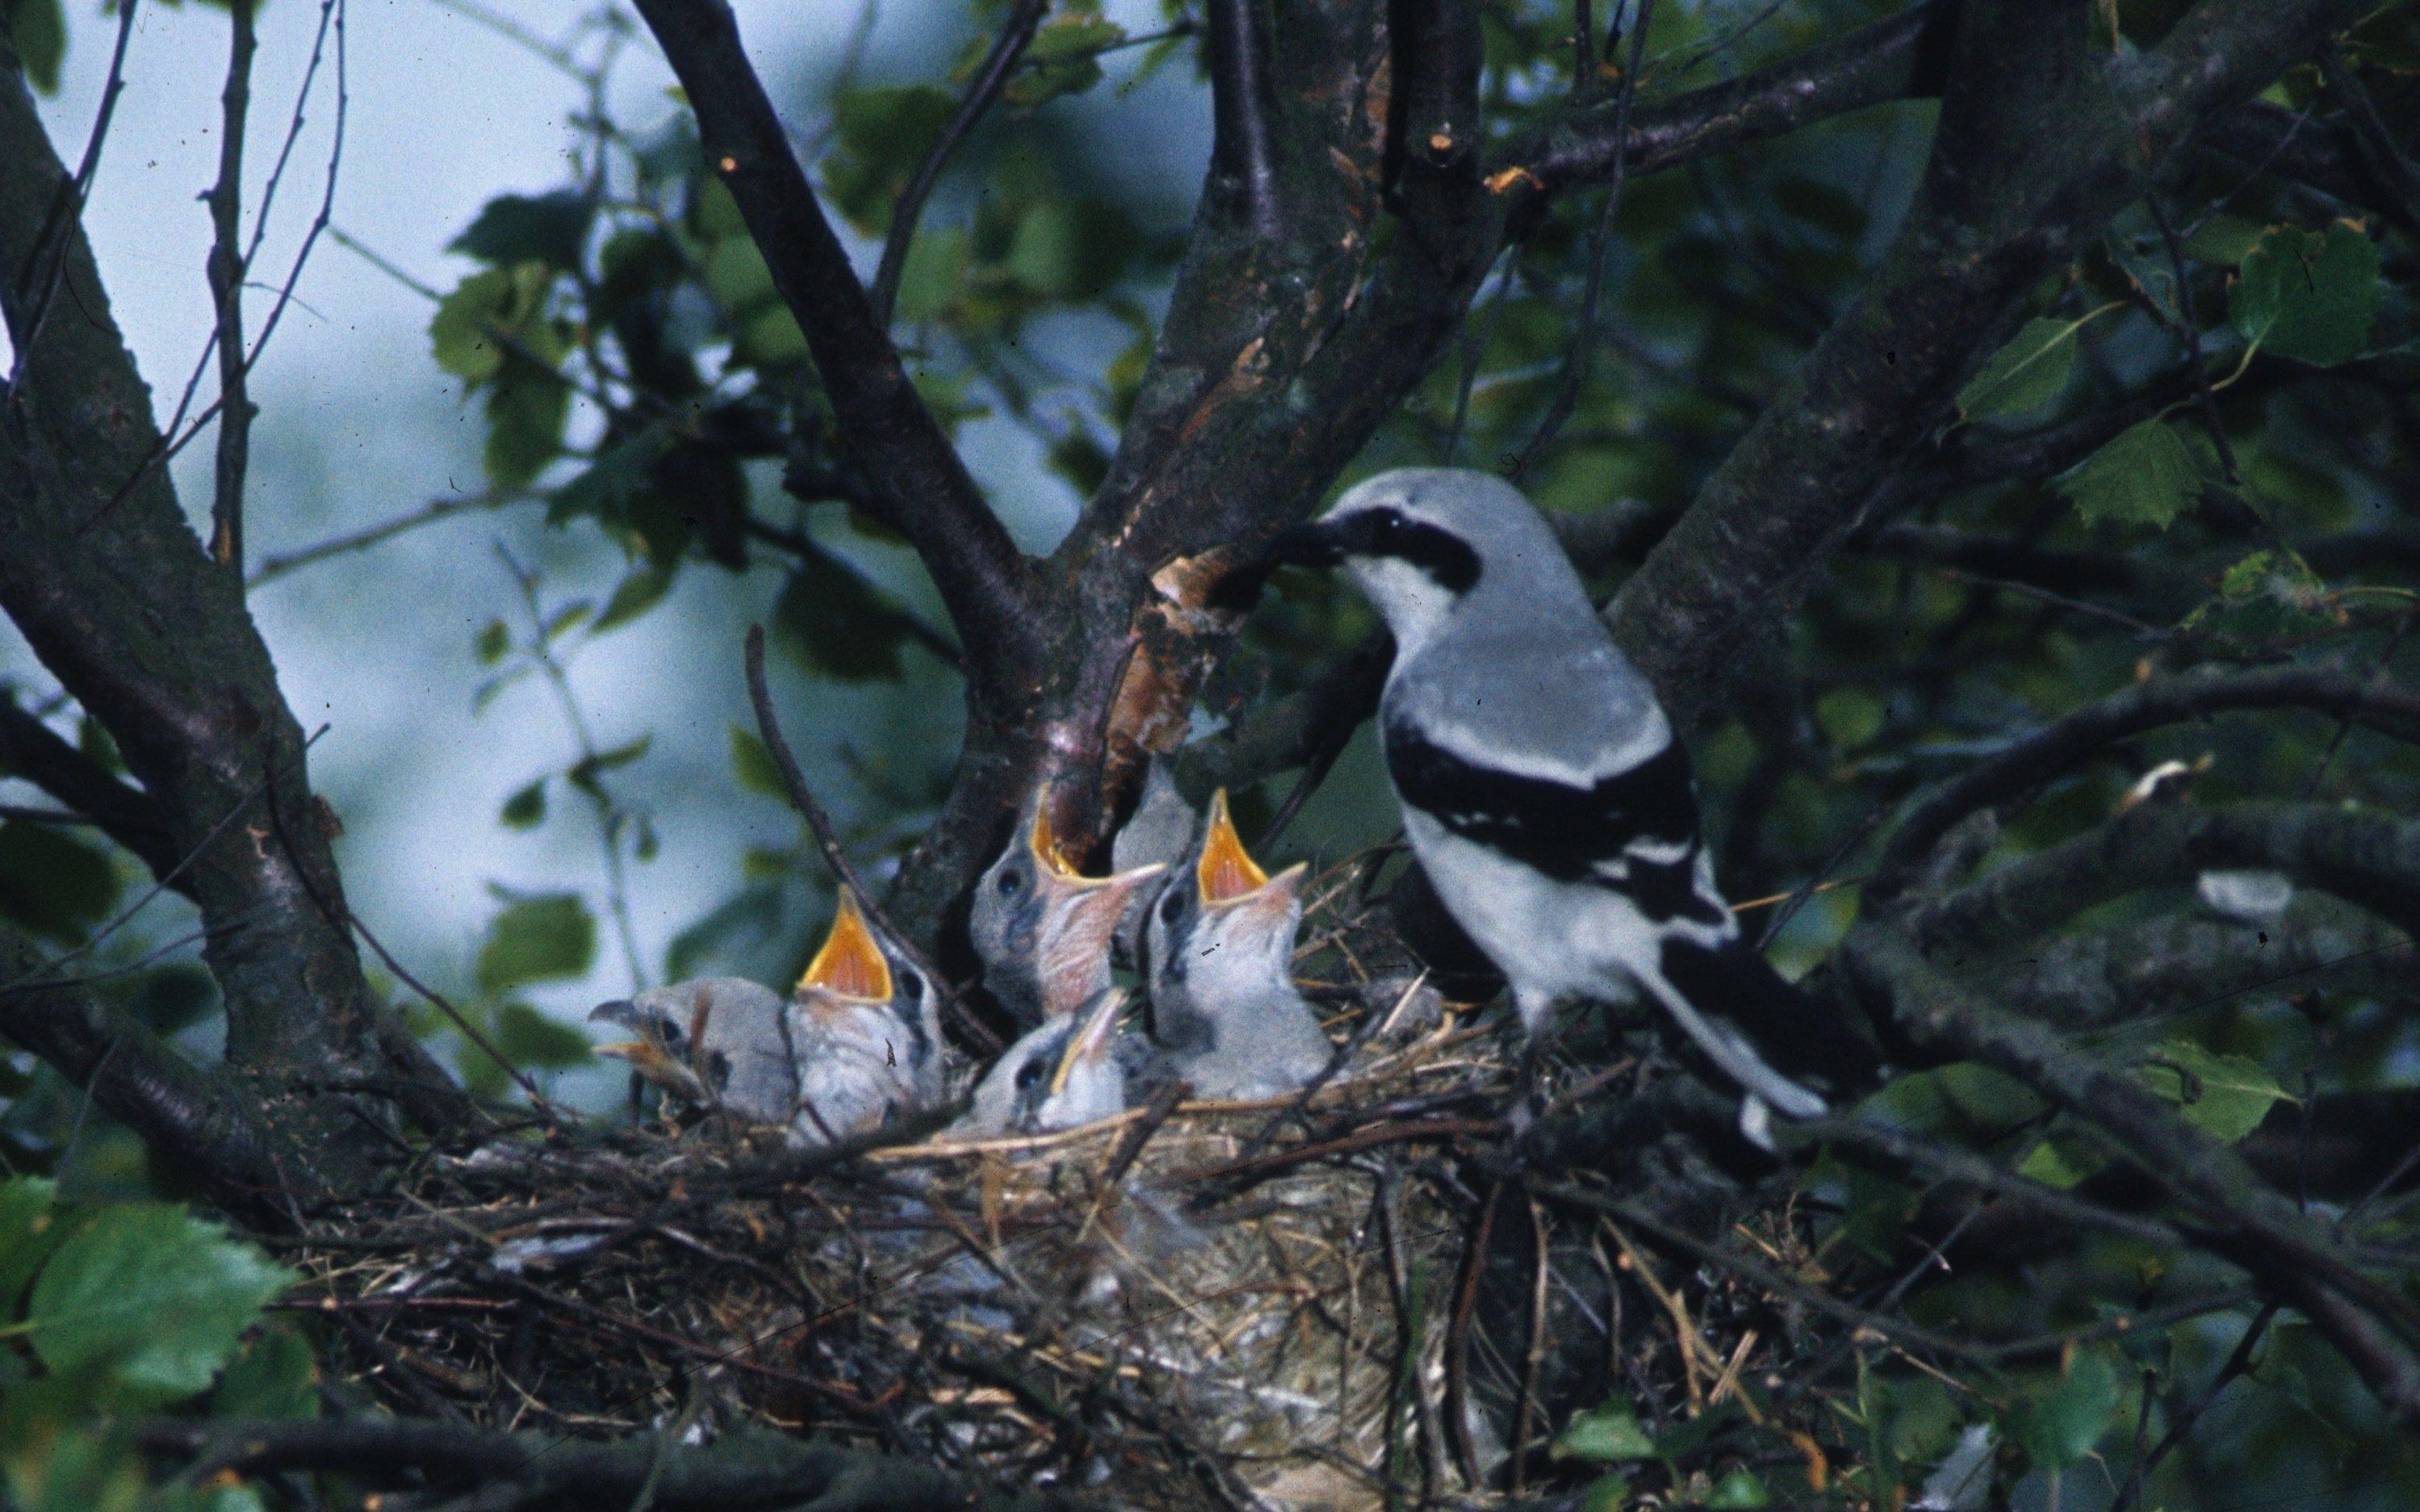 Brutpaar des Großen Würgers am Nest, die Jungen betteln um Nahrung.